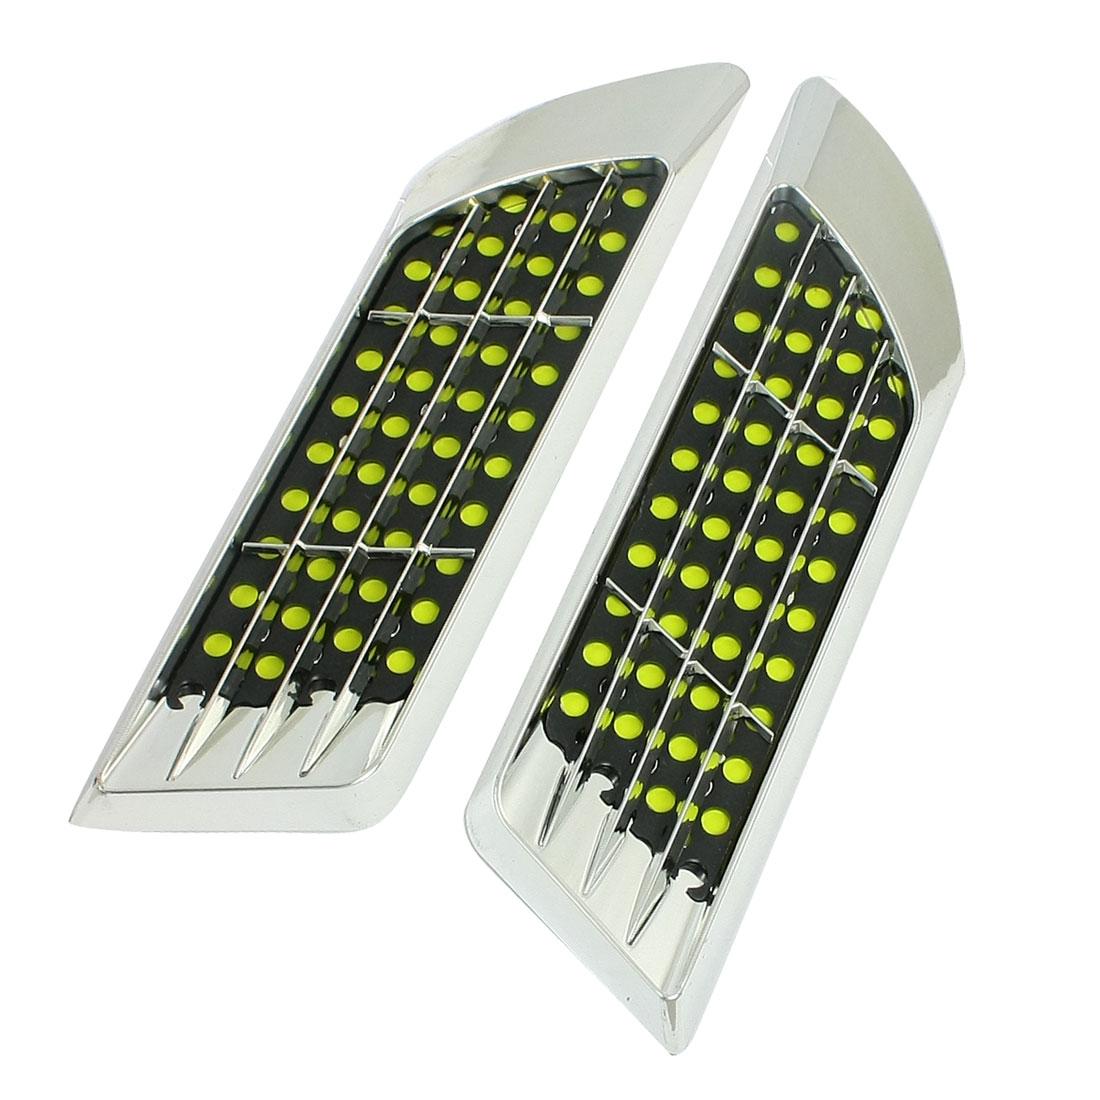 2 Pcs Auto Car Side Vent Plastic Air Flow Sticker Ornament Silver Tone Black